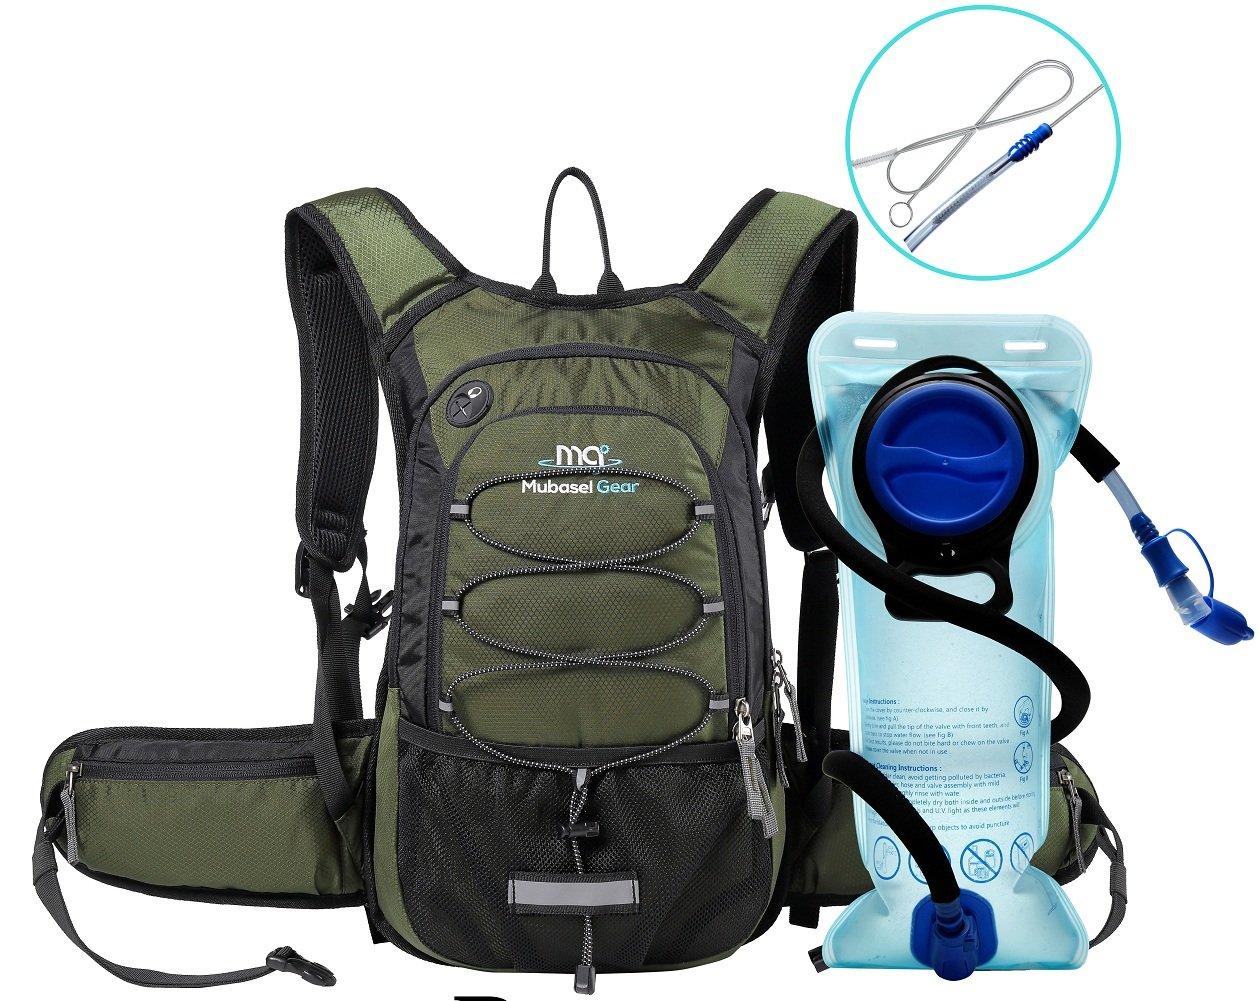 MTB backpack